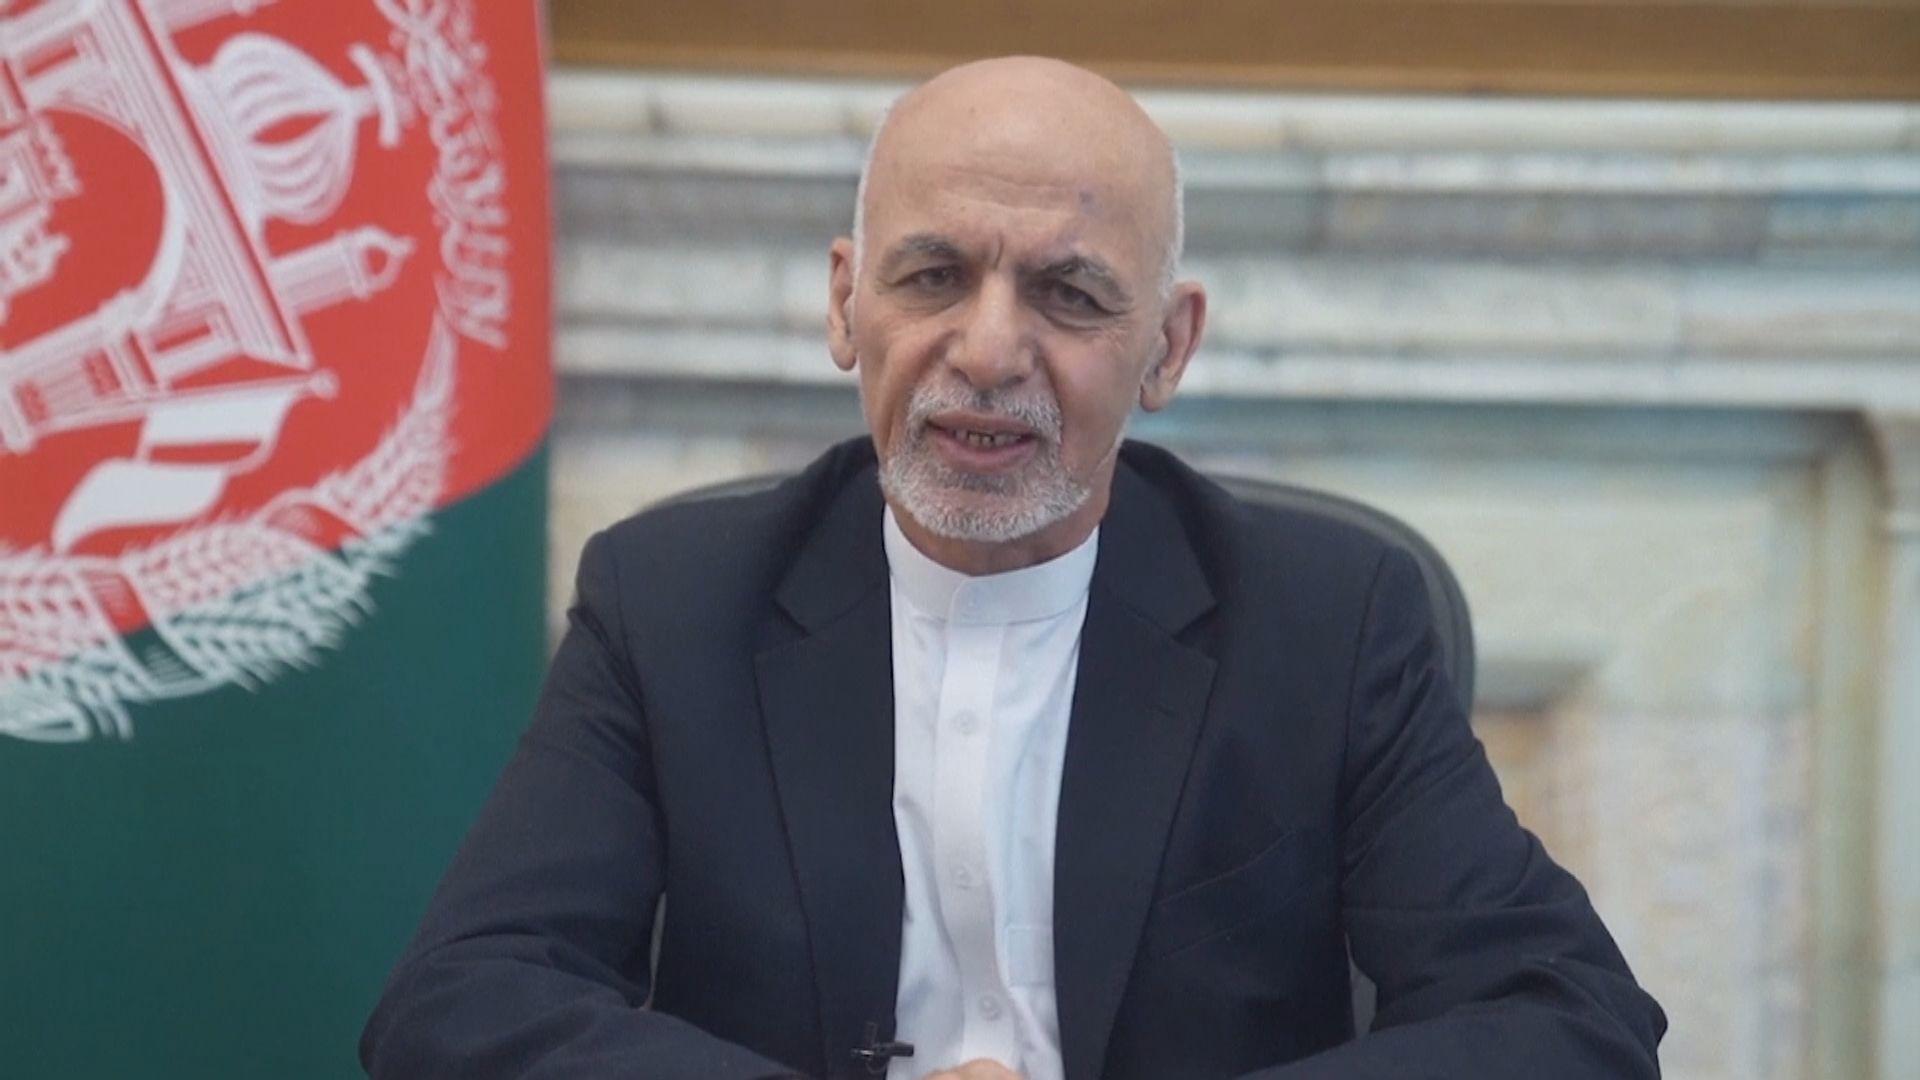 【環球薈報】俄羅斯大使館稱阿富汗總統出逃時帶同大量現金